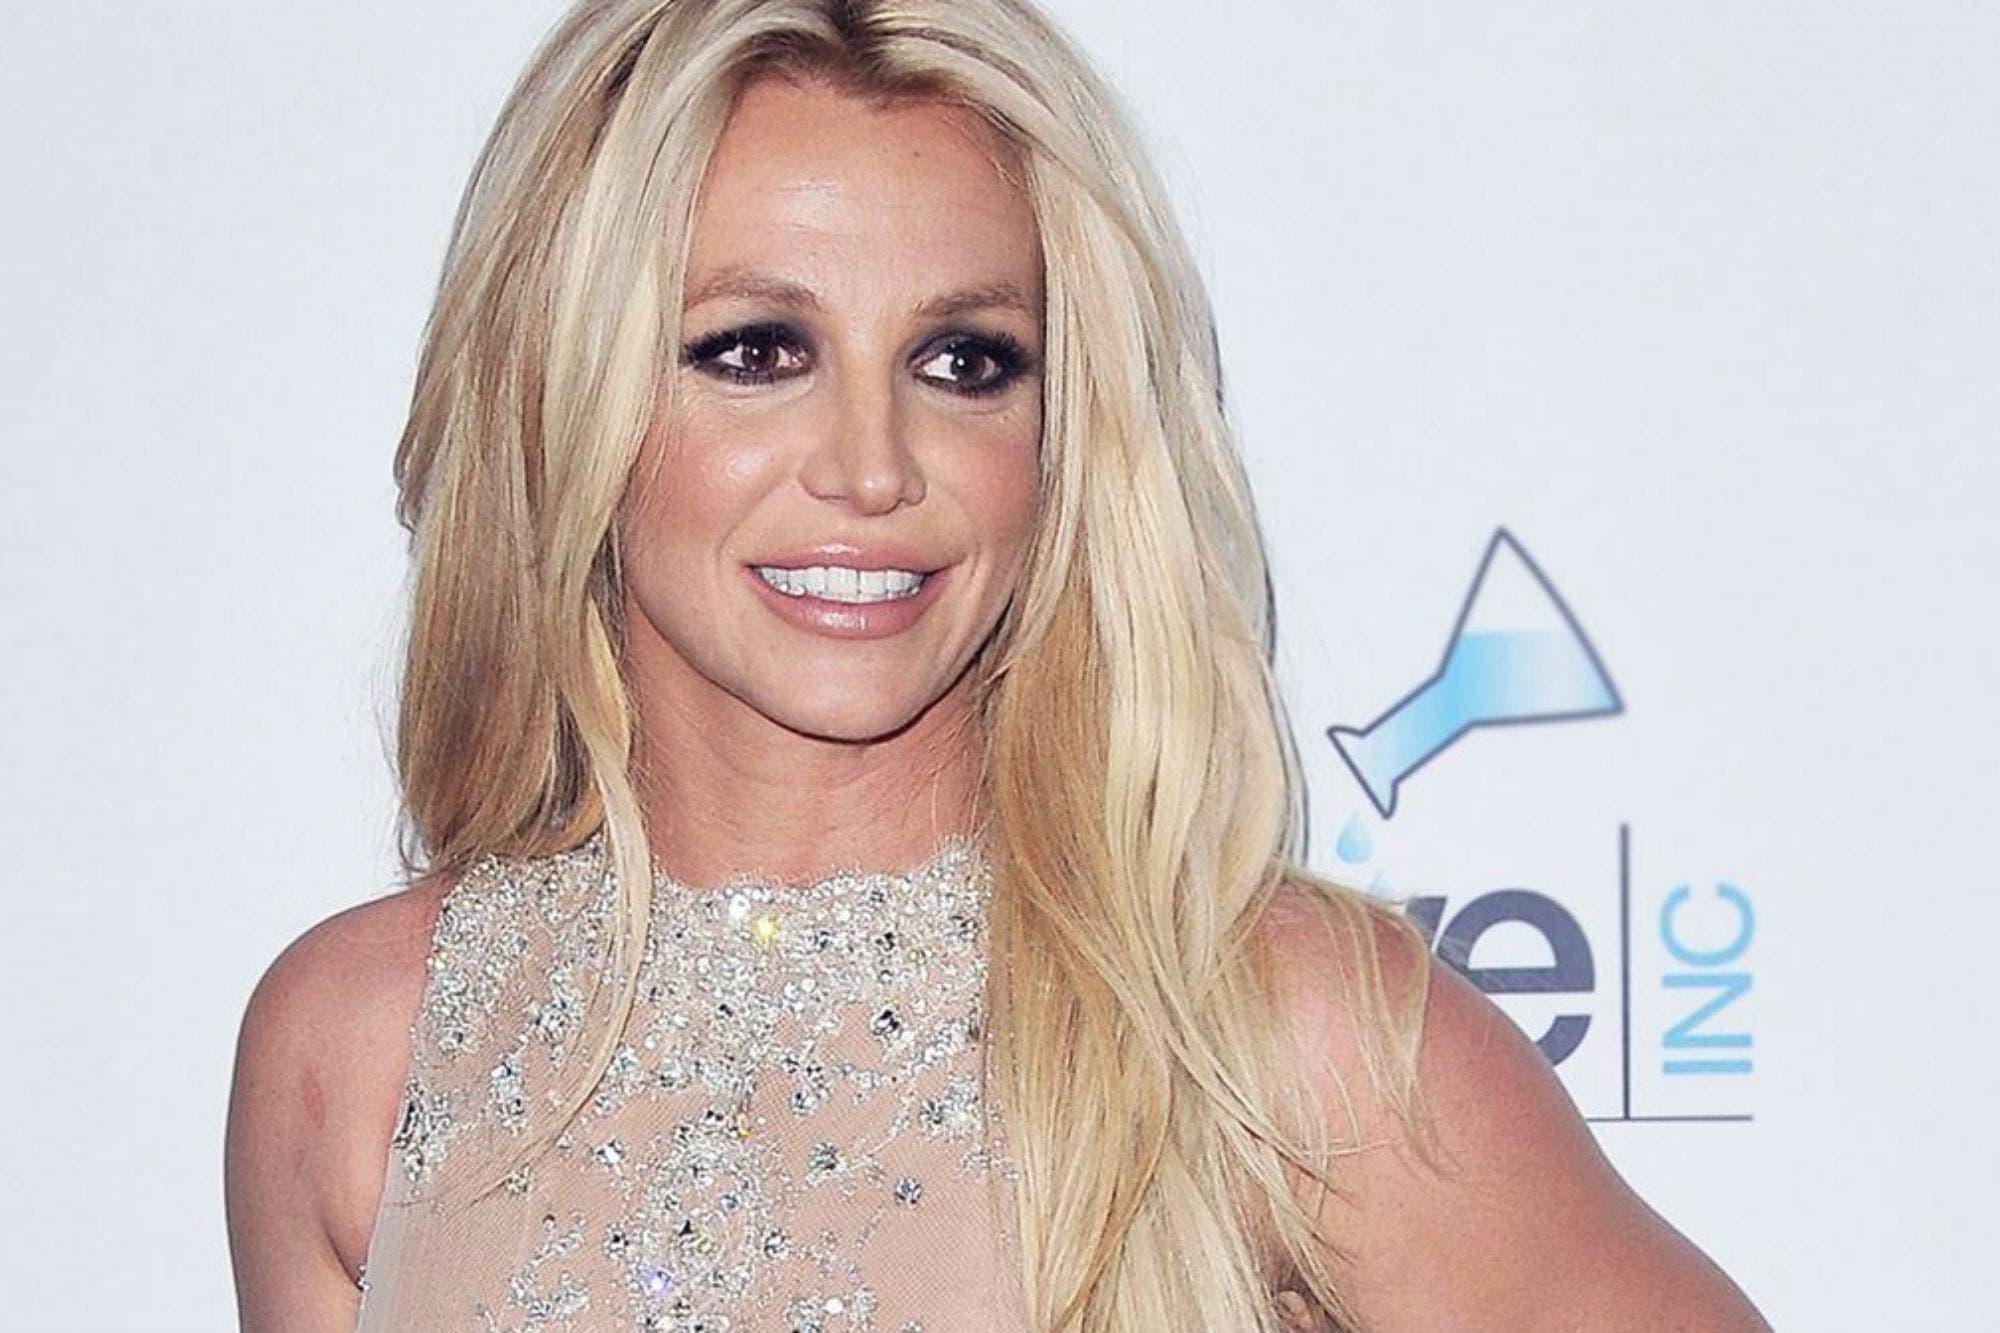 En medio de su conflicto familiar, Britney Spears mostró nuevo look